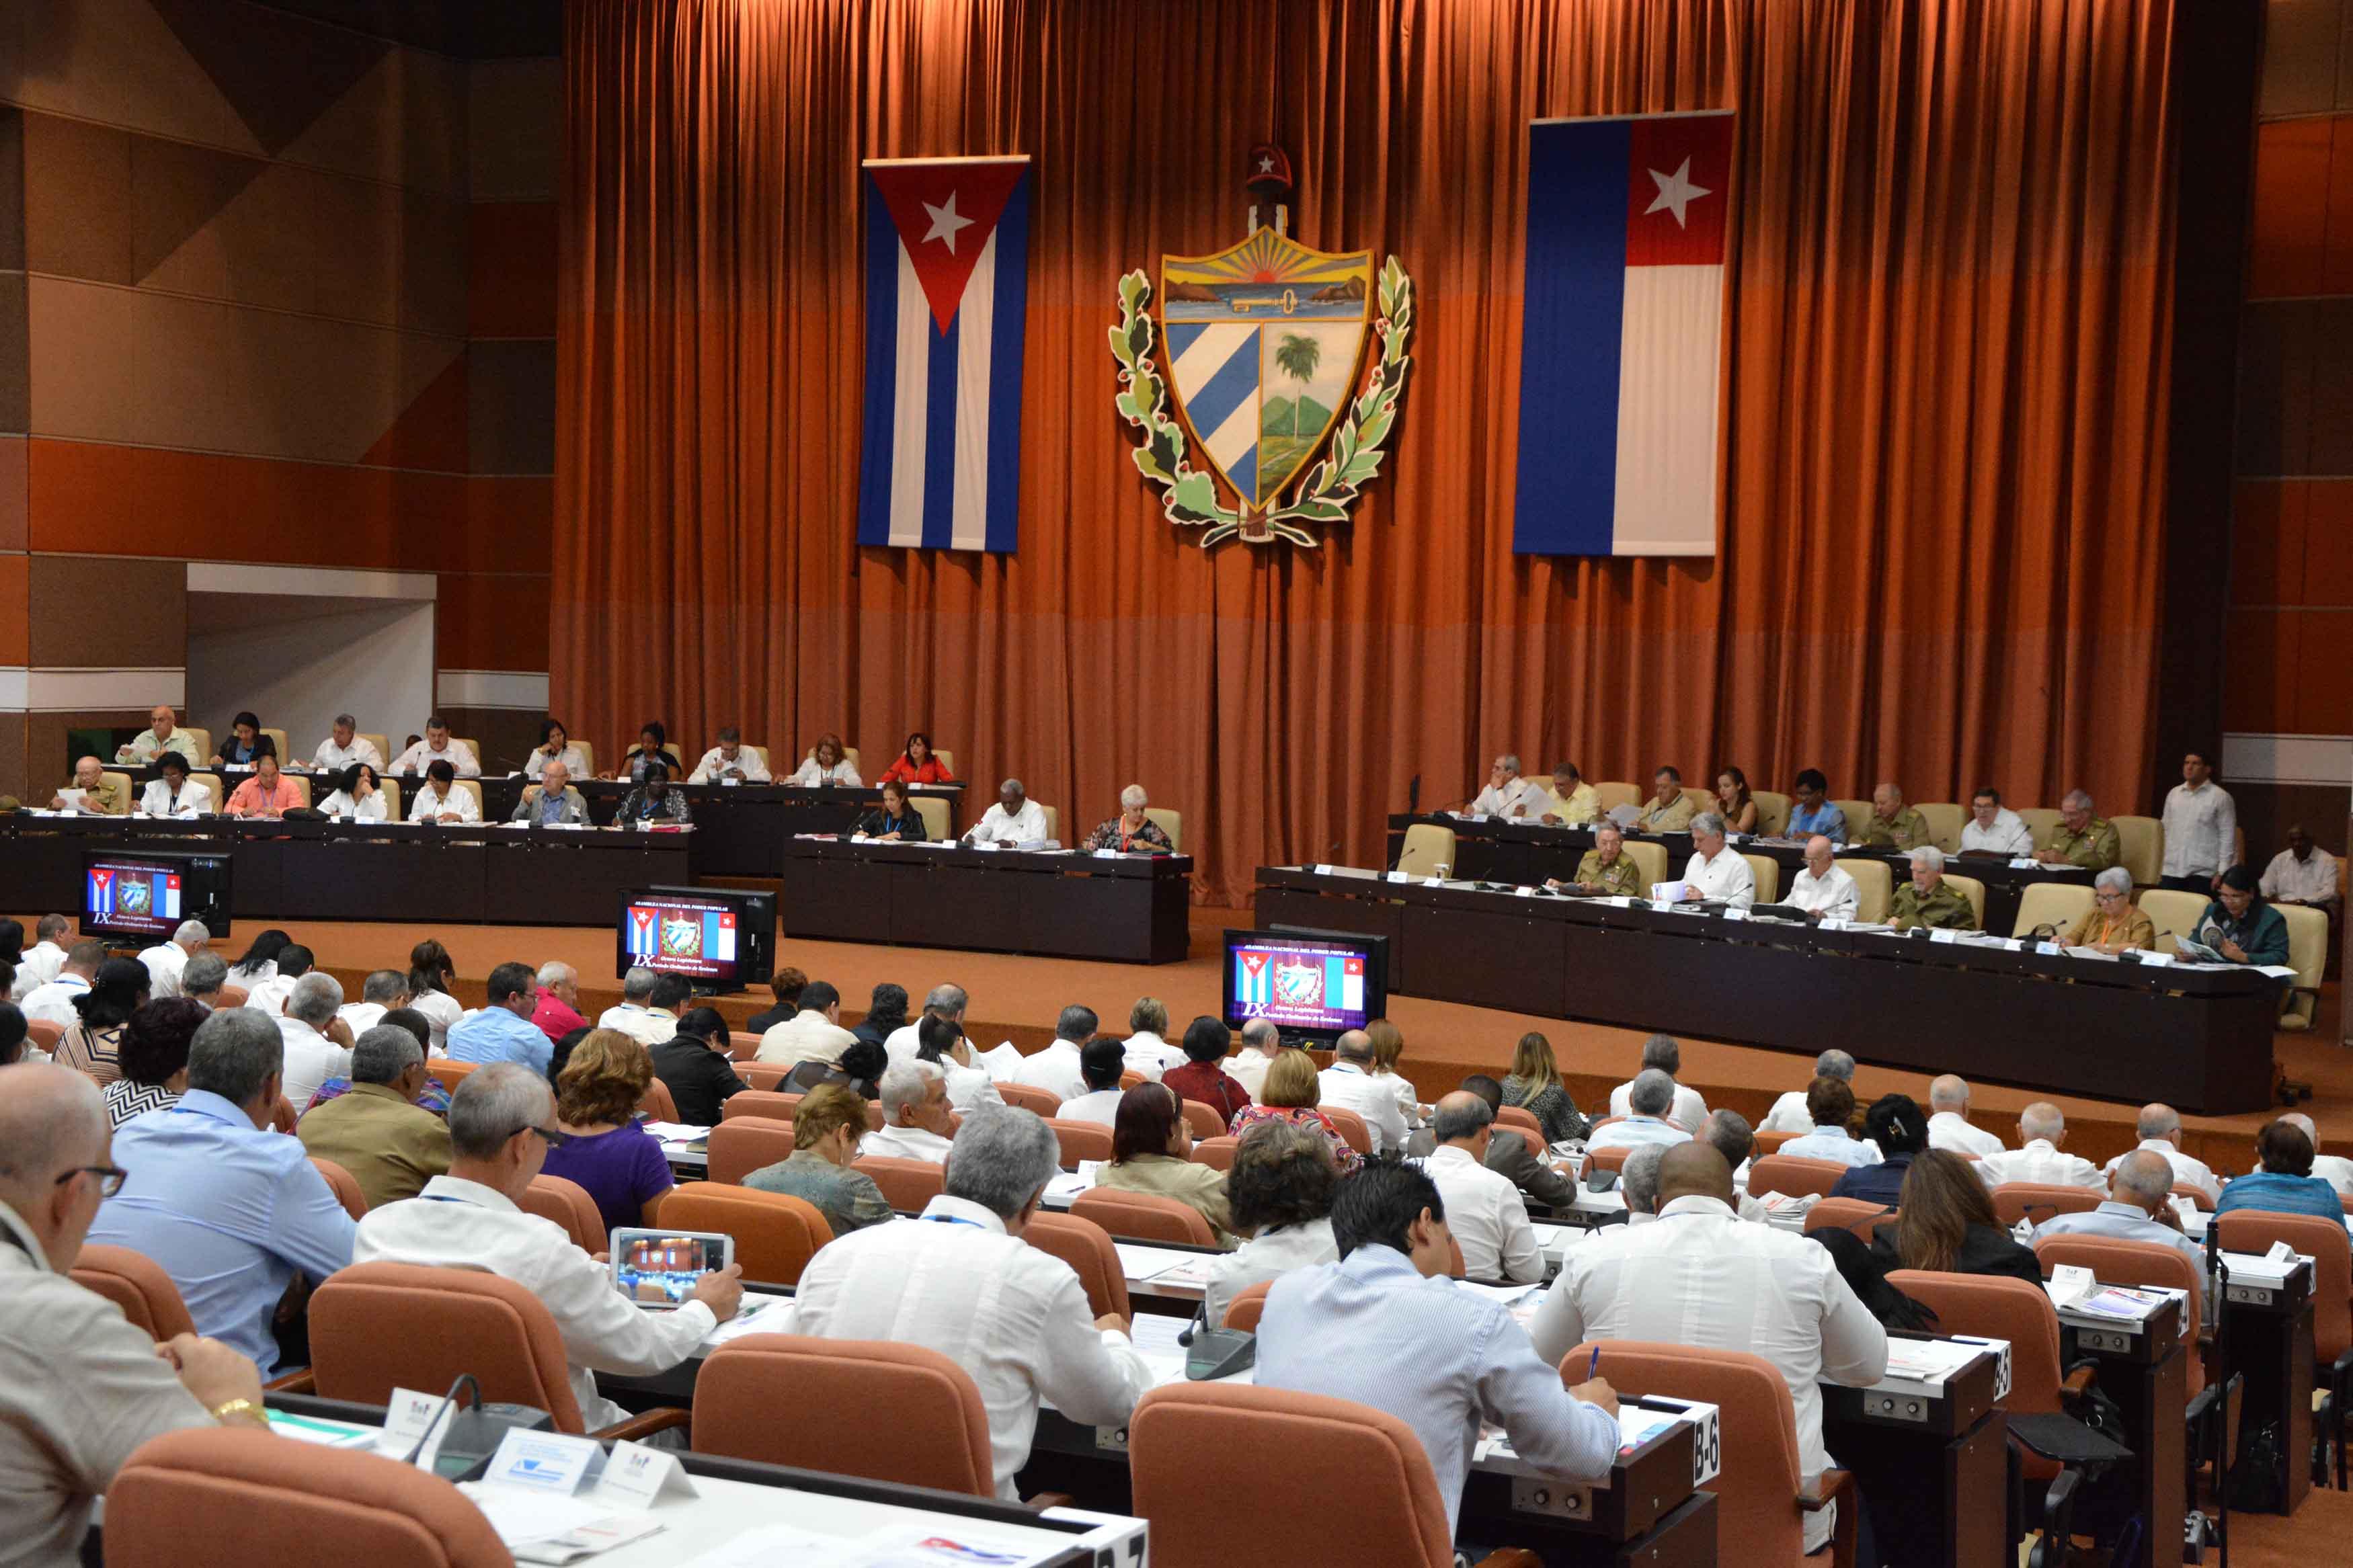 La rendición de cuentas abarca todo el texto constitucional cubano, es el primer país en incorporarla en América Latina, por trasunto de la ideología de las Repúblicas Socialistas.